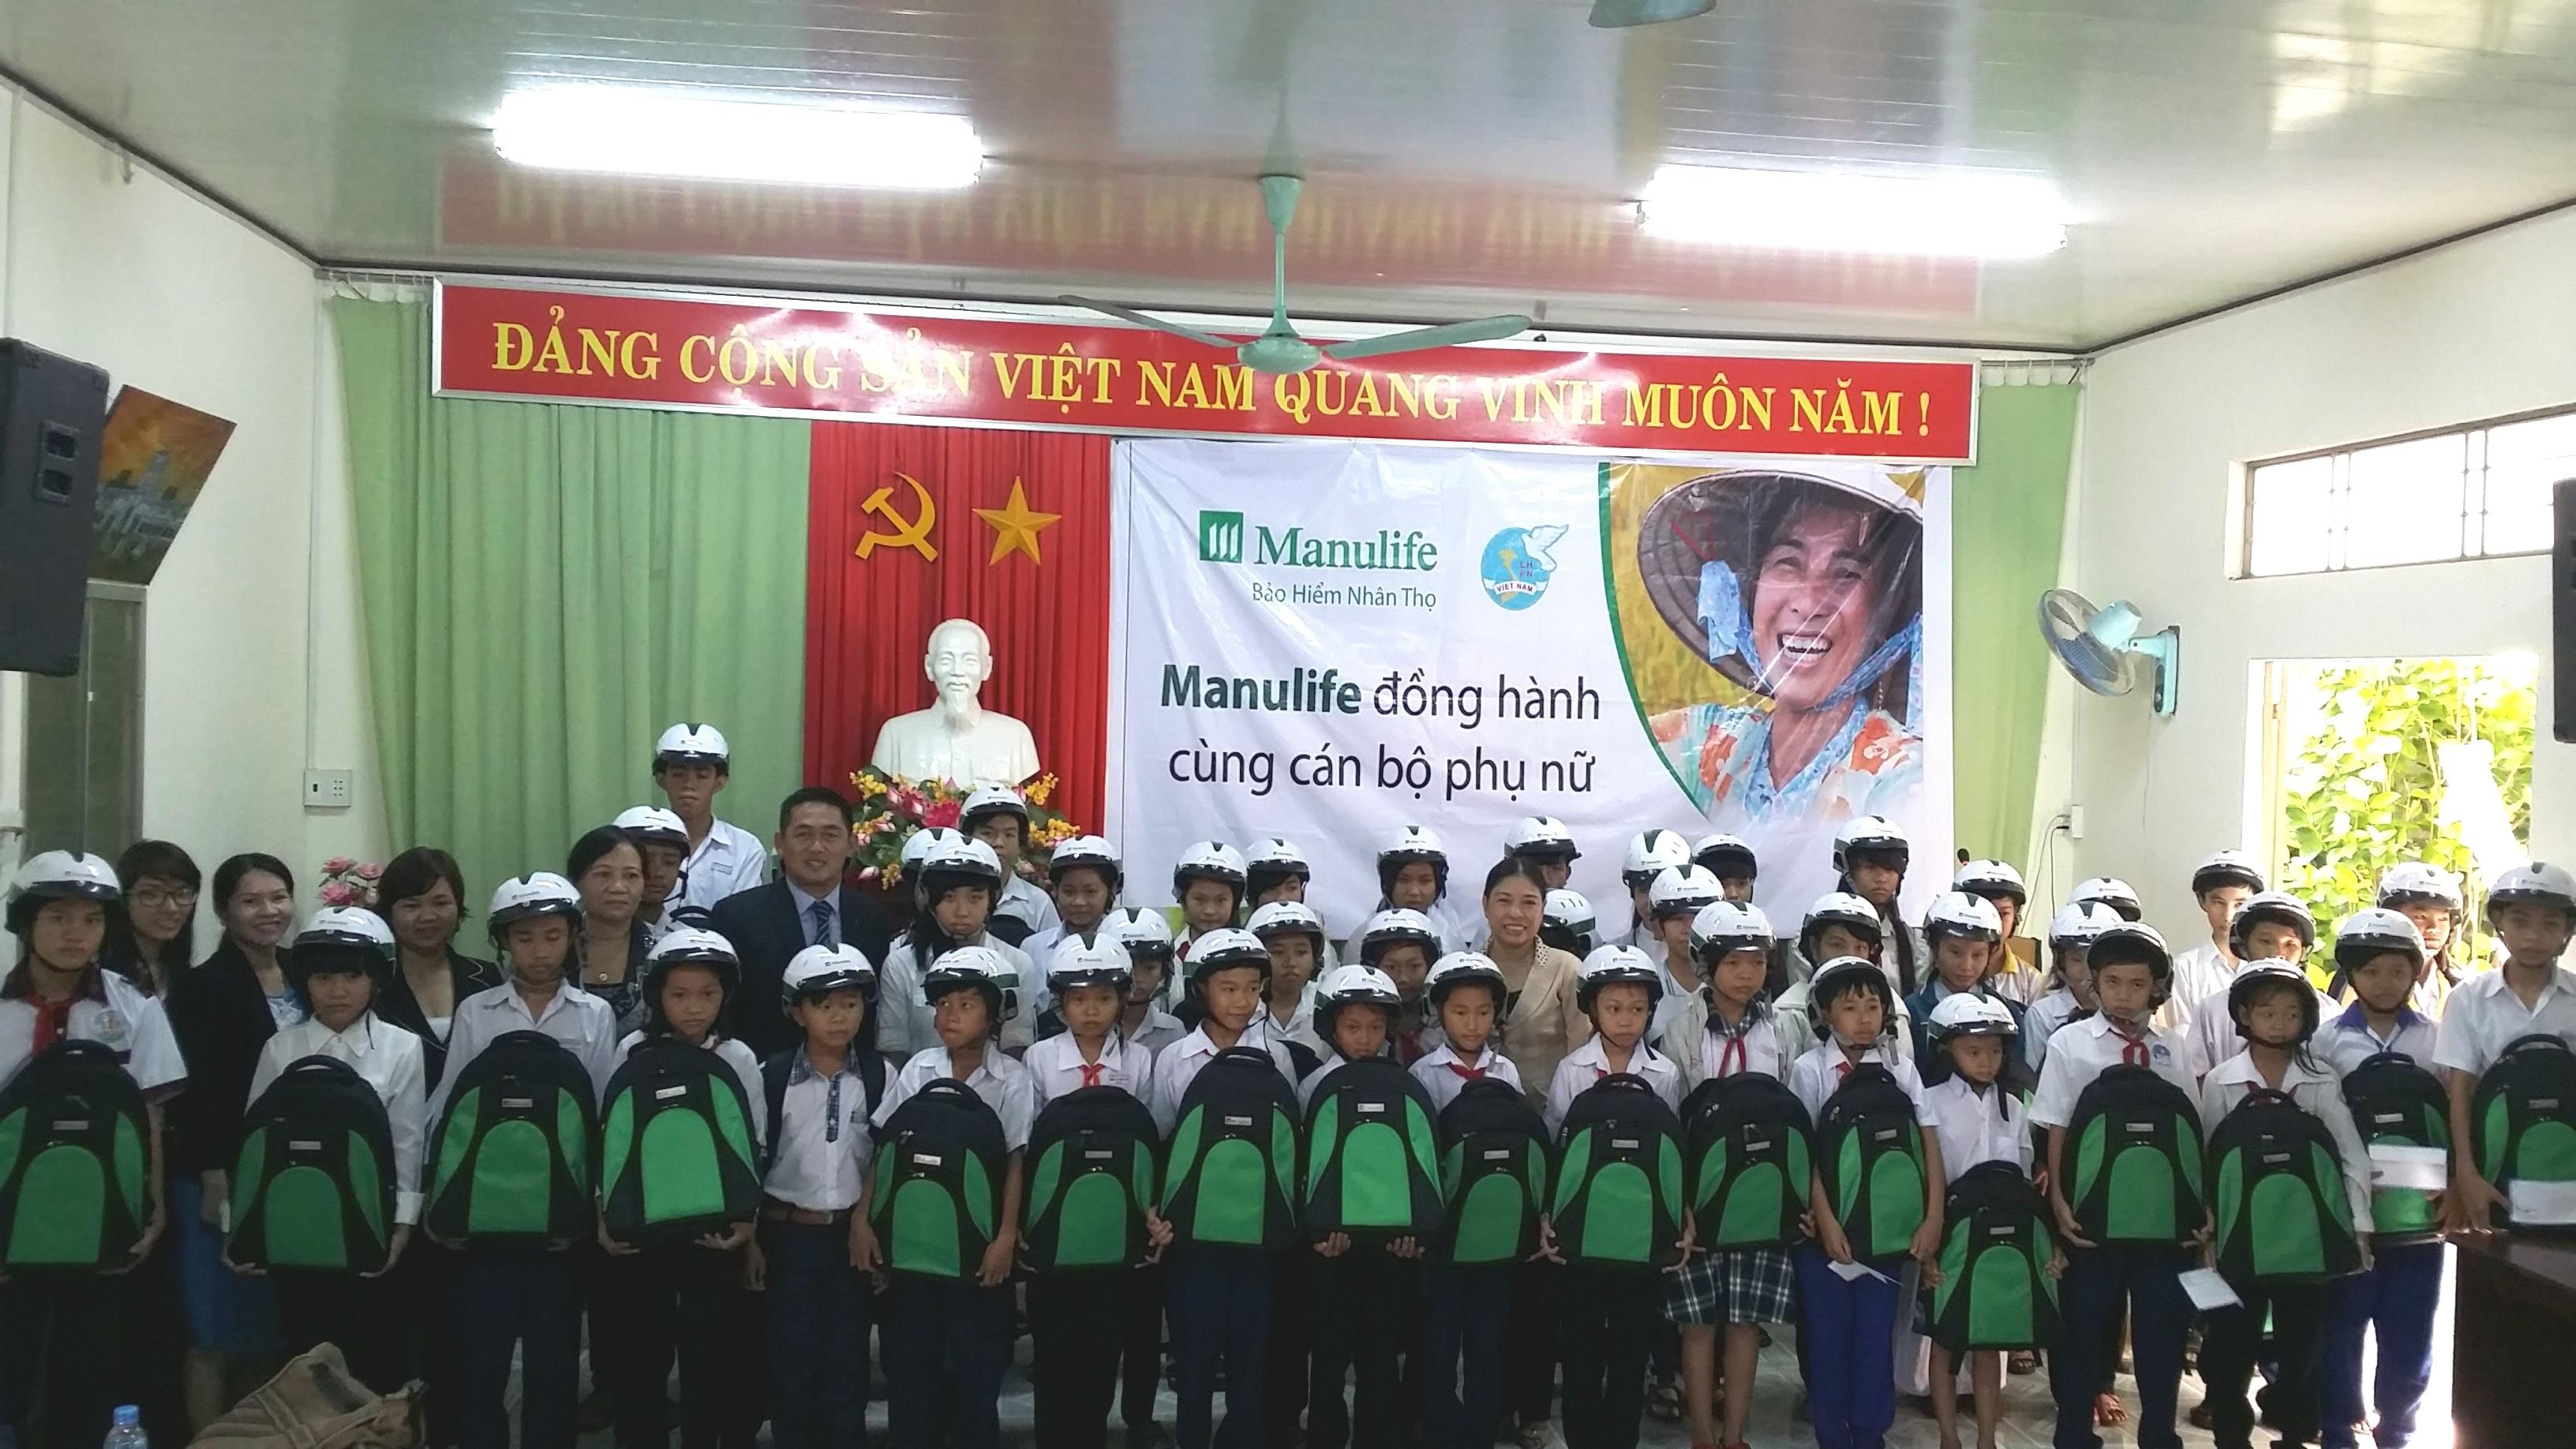 Manulife đồng hành lan tỏa đến cùng cán bộ phụ nữ